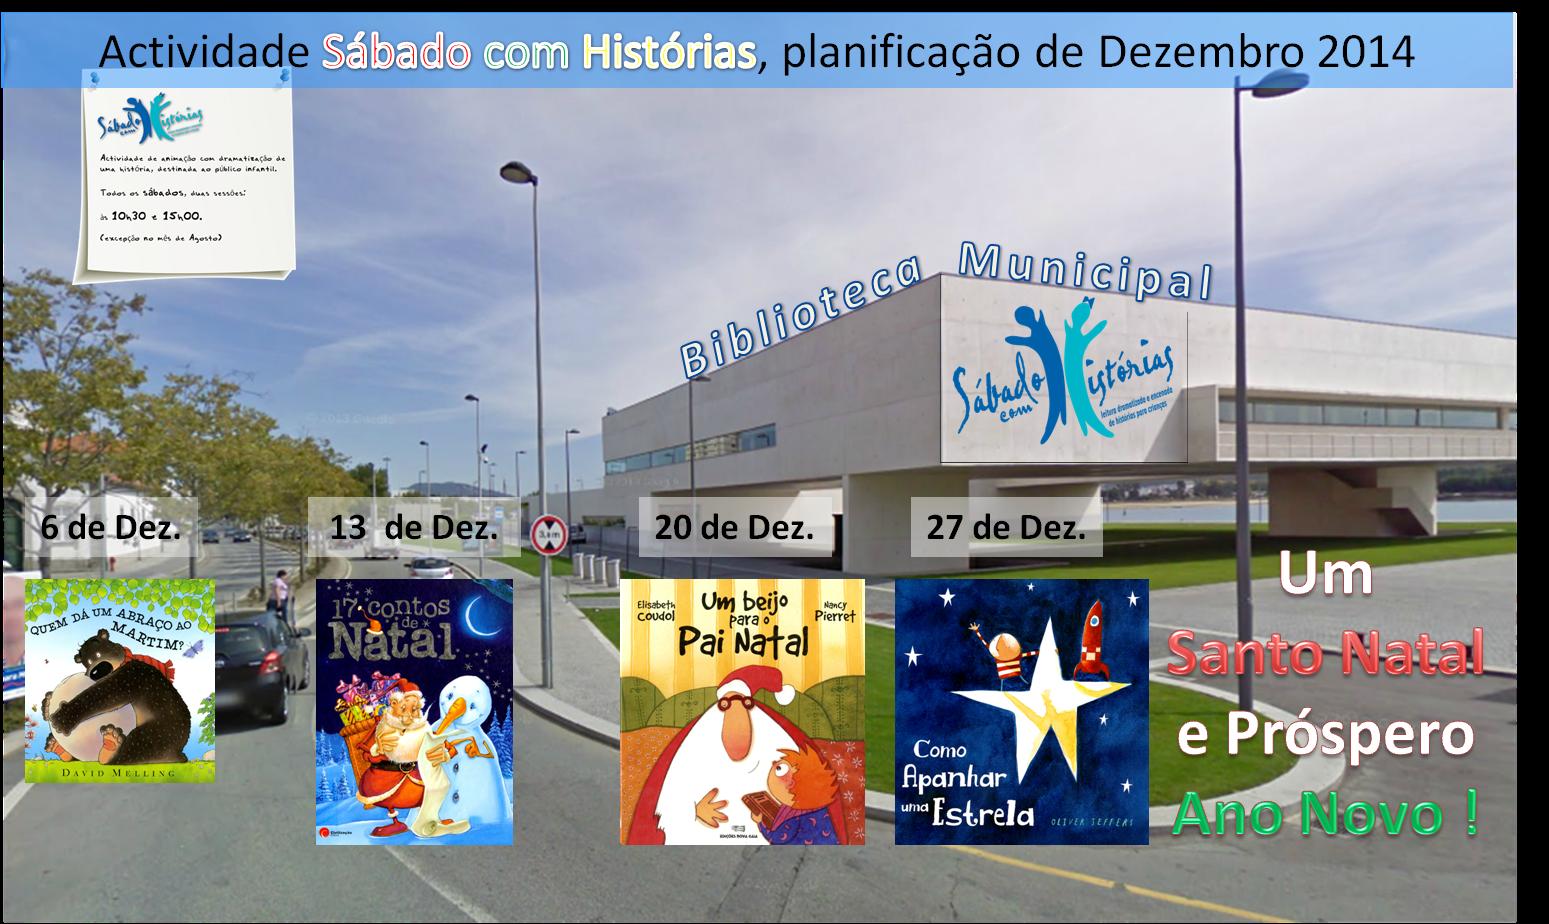 Sábados com Histórias na Biblioteca Municipal de Viana do Castelo